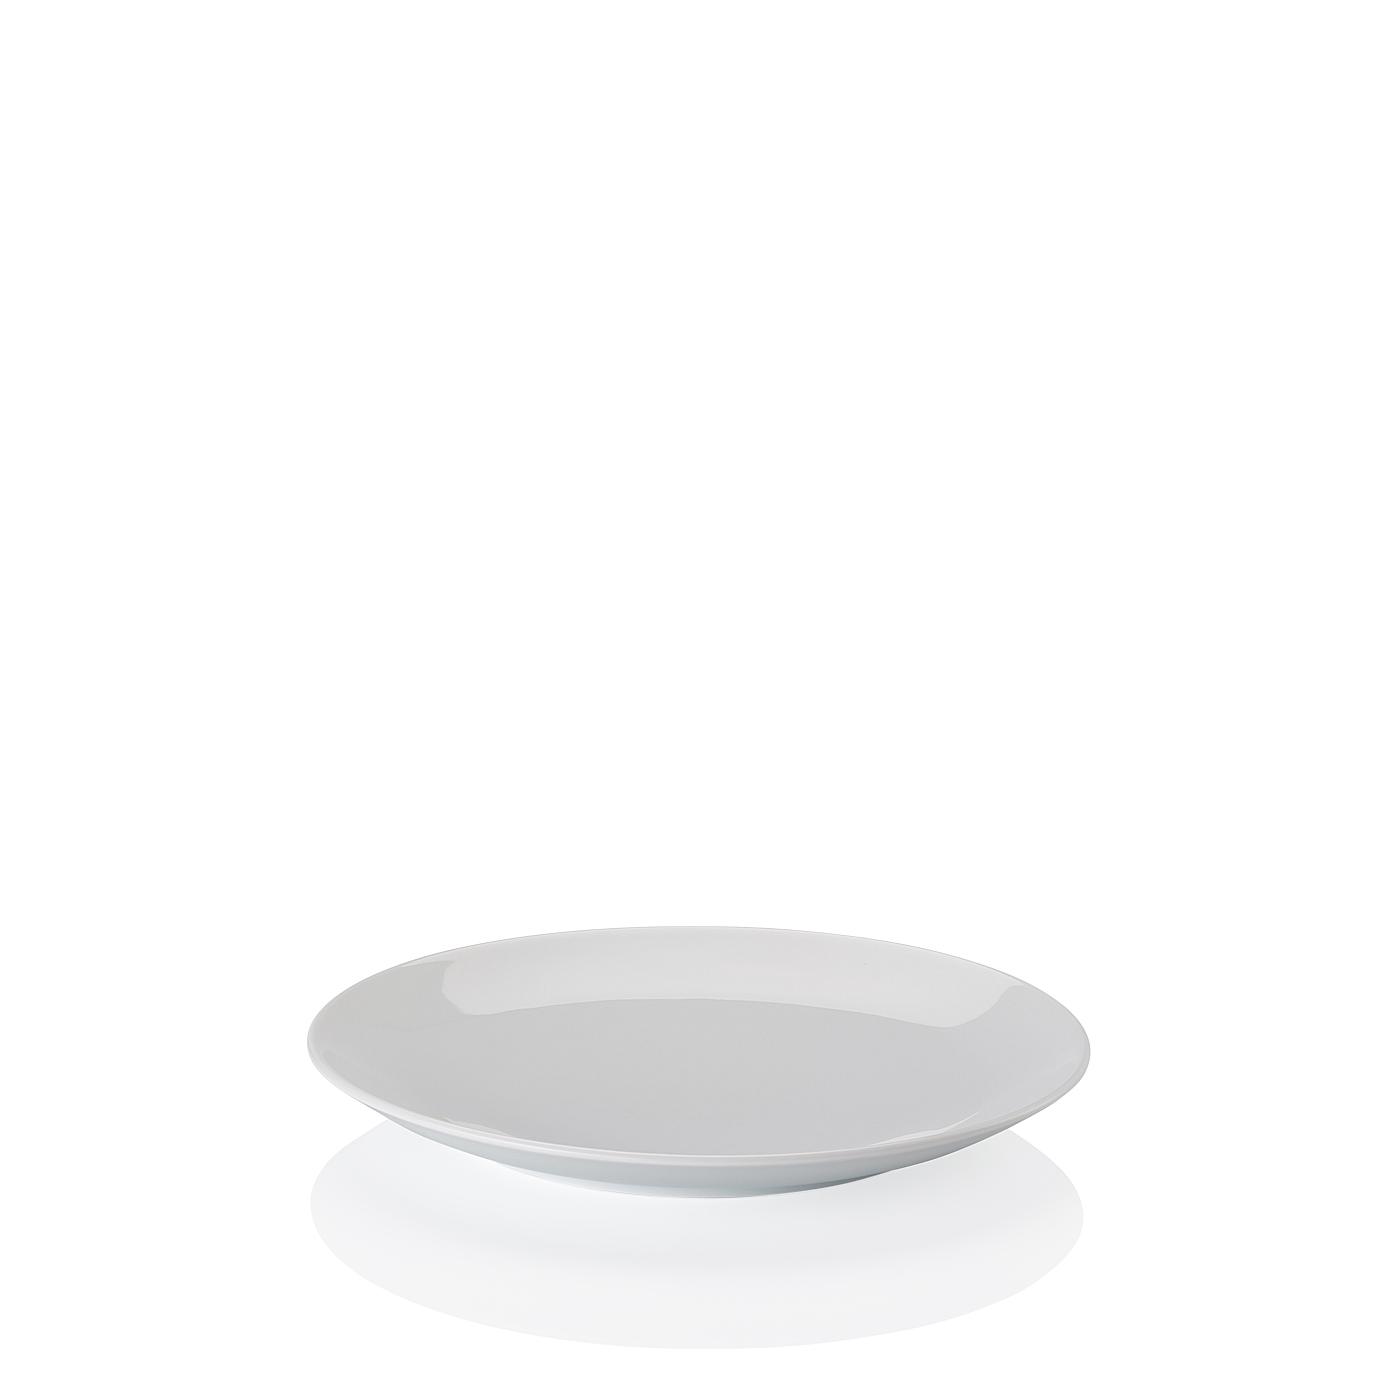 Frühstücksteller 21 cm Form 2000 Weiss Arzberg